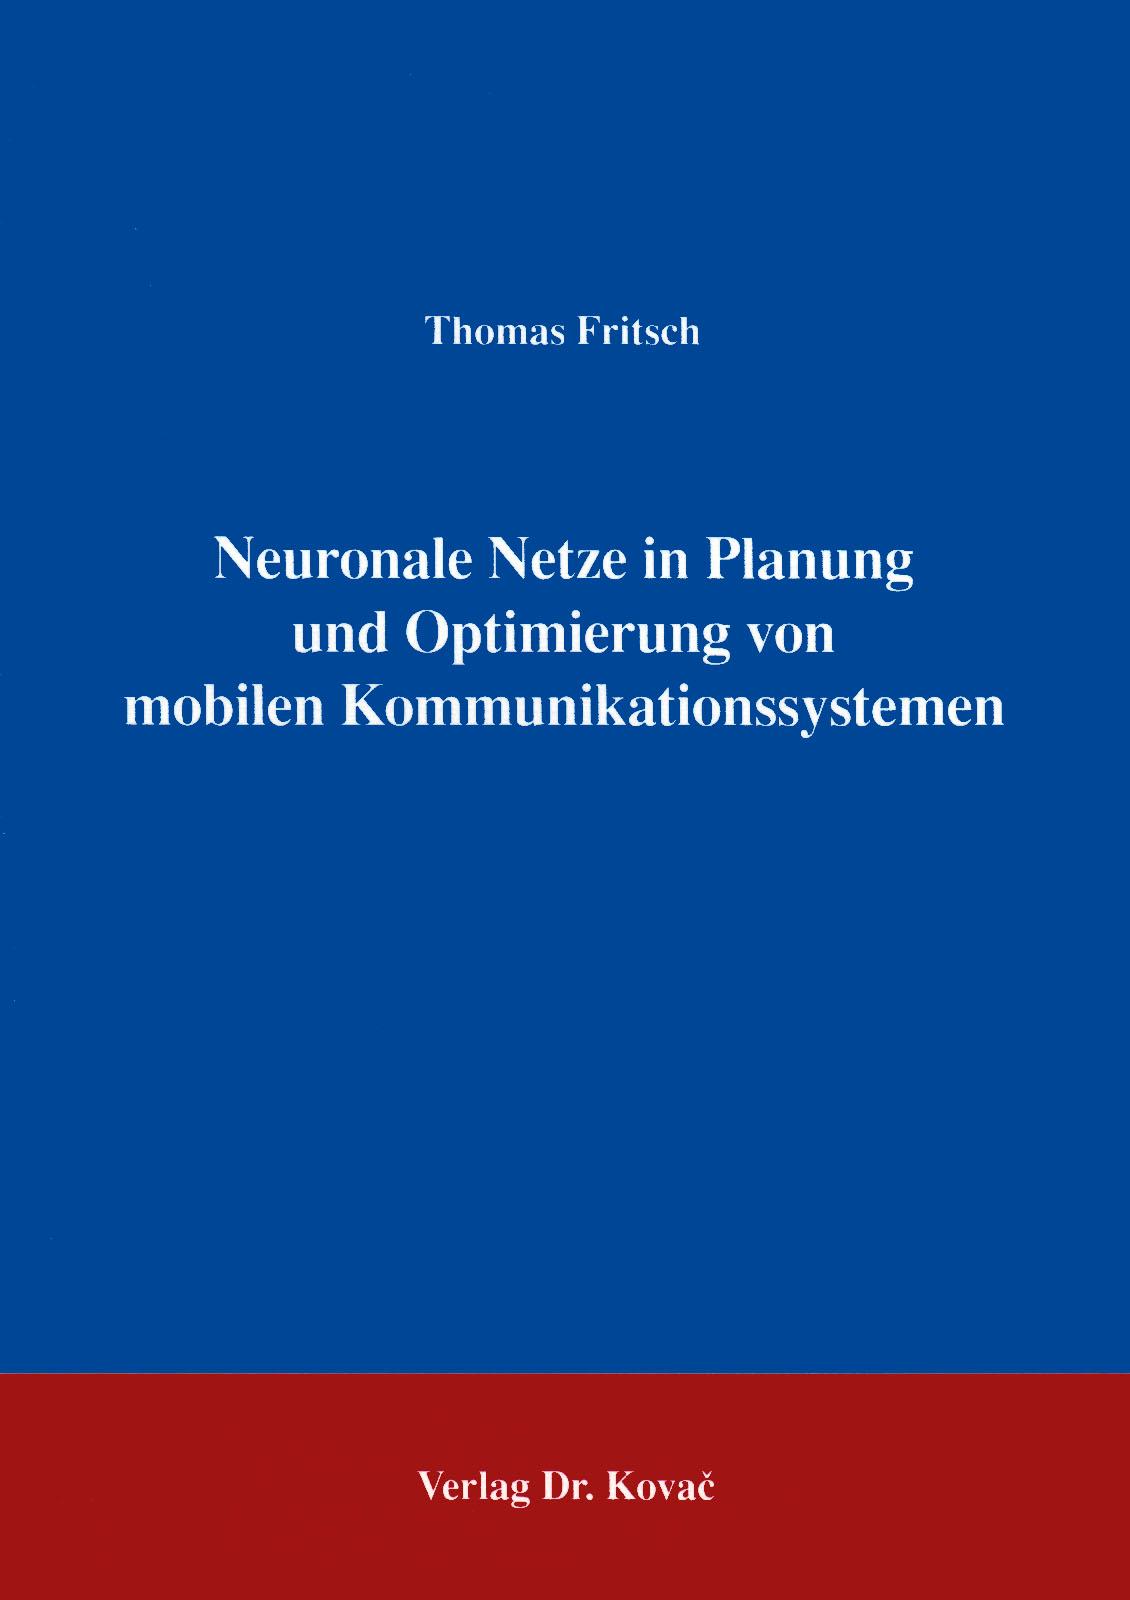 Cover: Neuronale Netze in Planung und Optimierung von mobilen Kommunikationssystemen